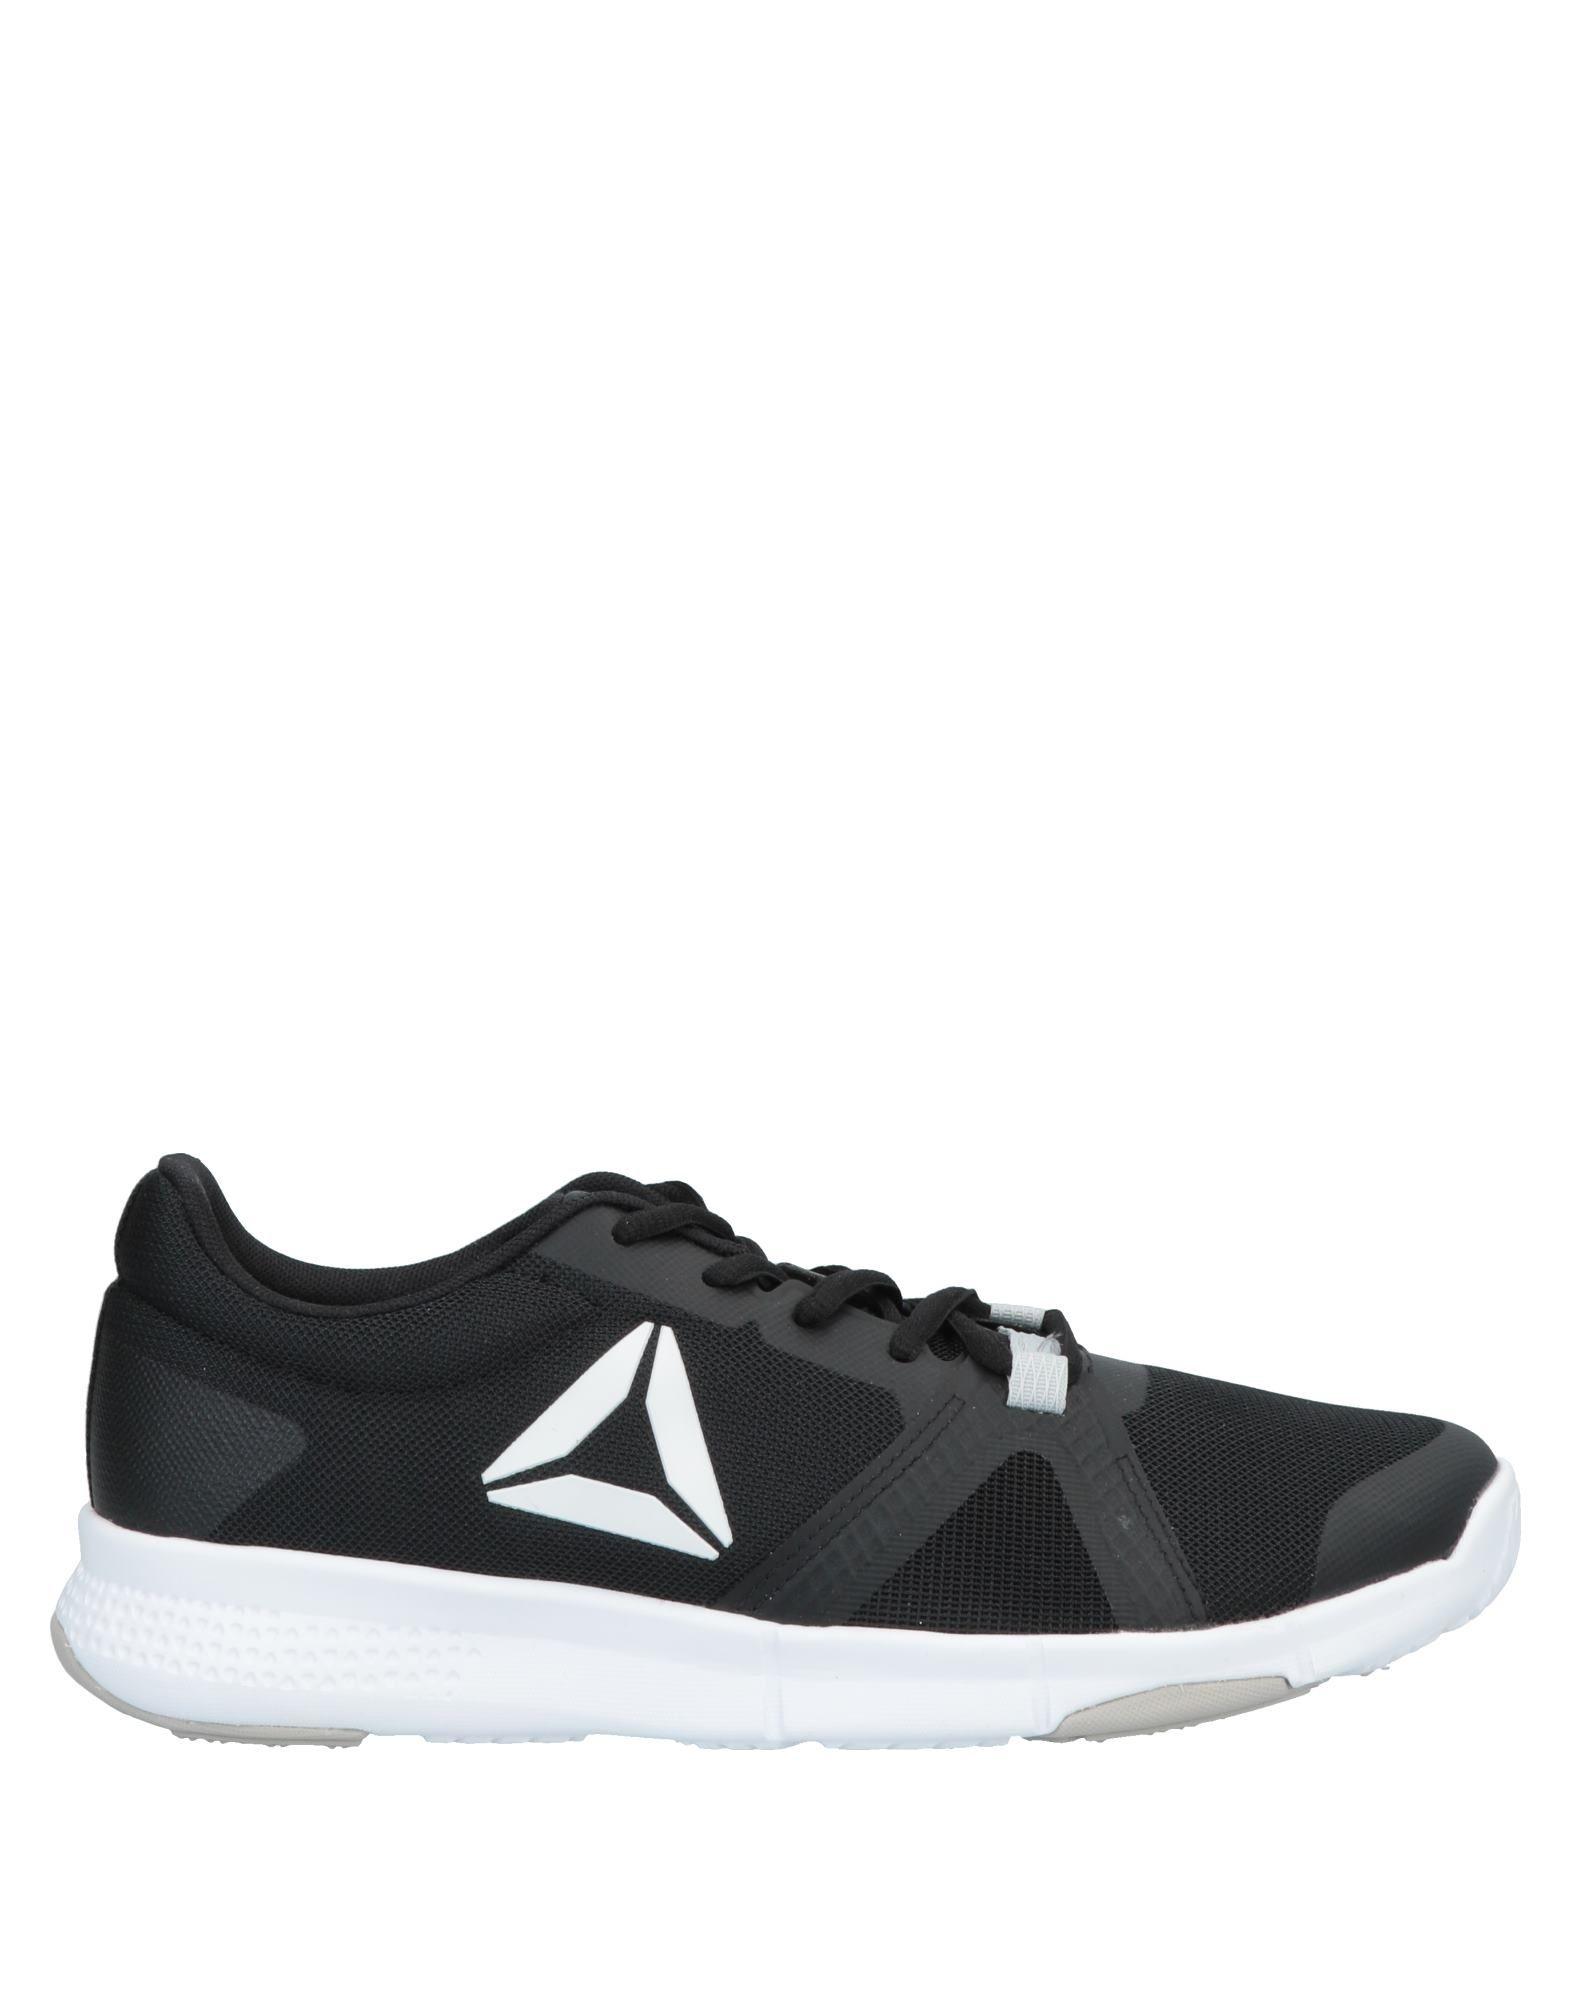 《送料無料》REEBOK メンズ スニーカー&テニスシューズ(ローカット) ブラック 7 紡績繊維 / 指定外繊維